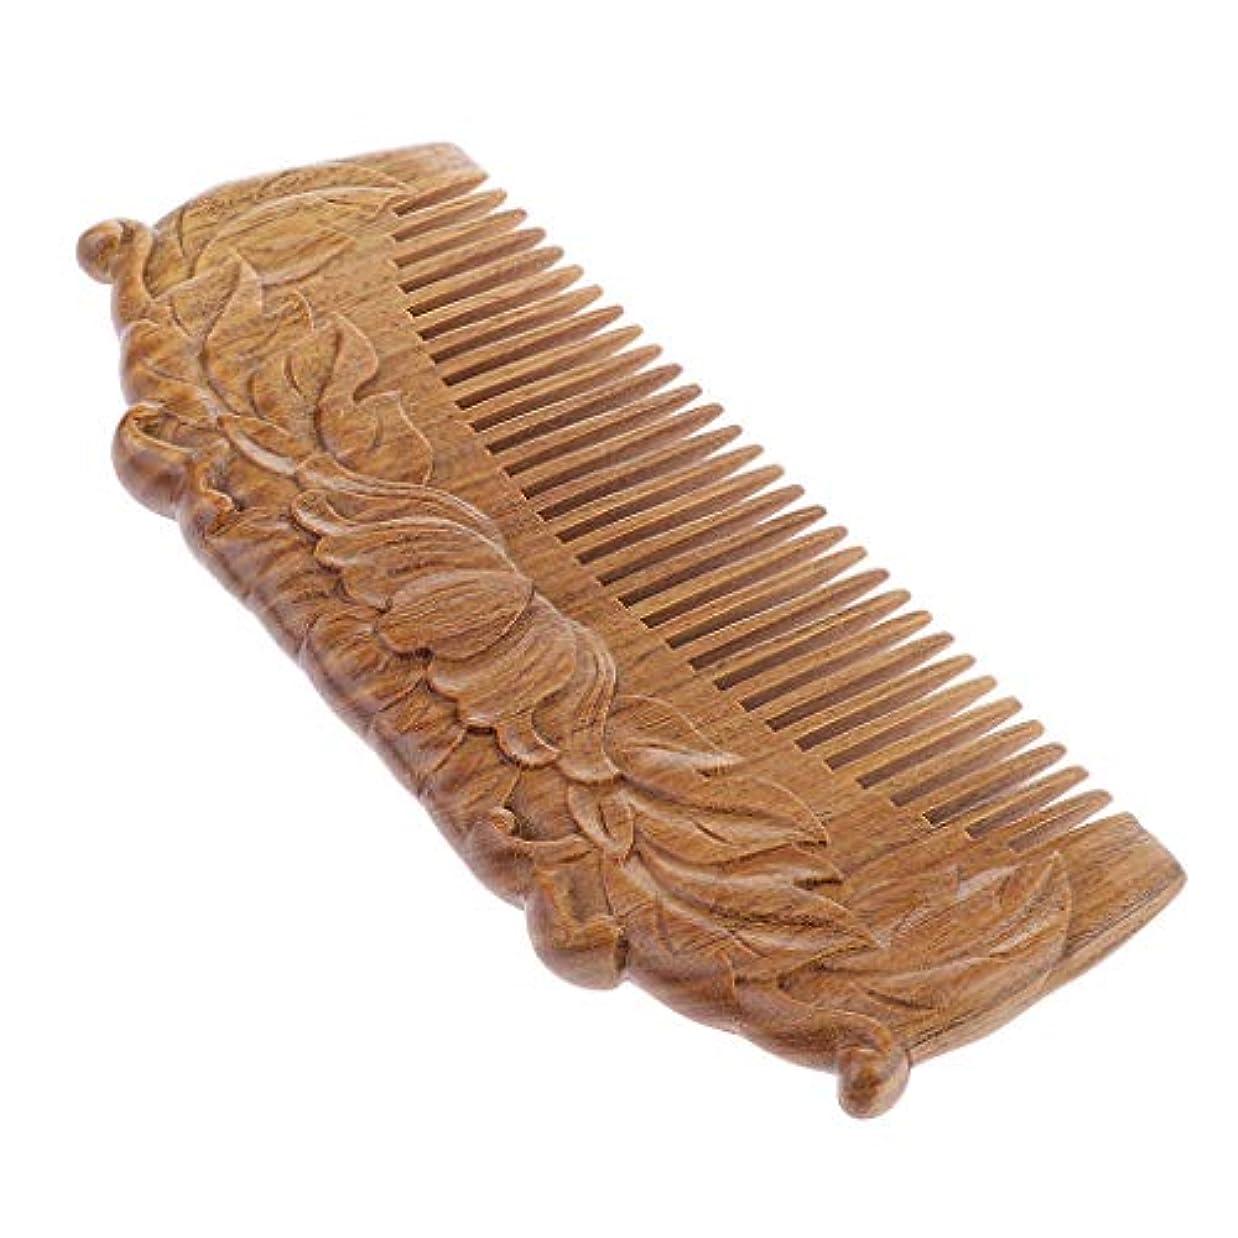 オプショナル事実上非効率的なウッドコーム 木製櫛 高品質 手作り 天然木 帯電防止櫛 頭皮マッサージ ヘアブラシ